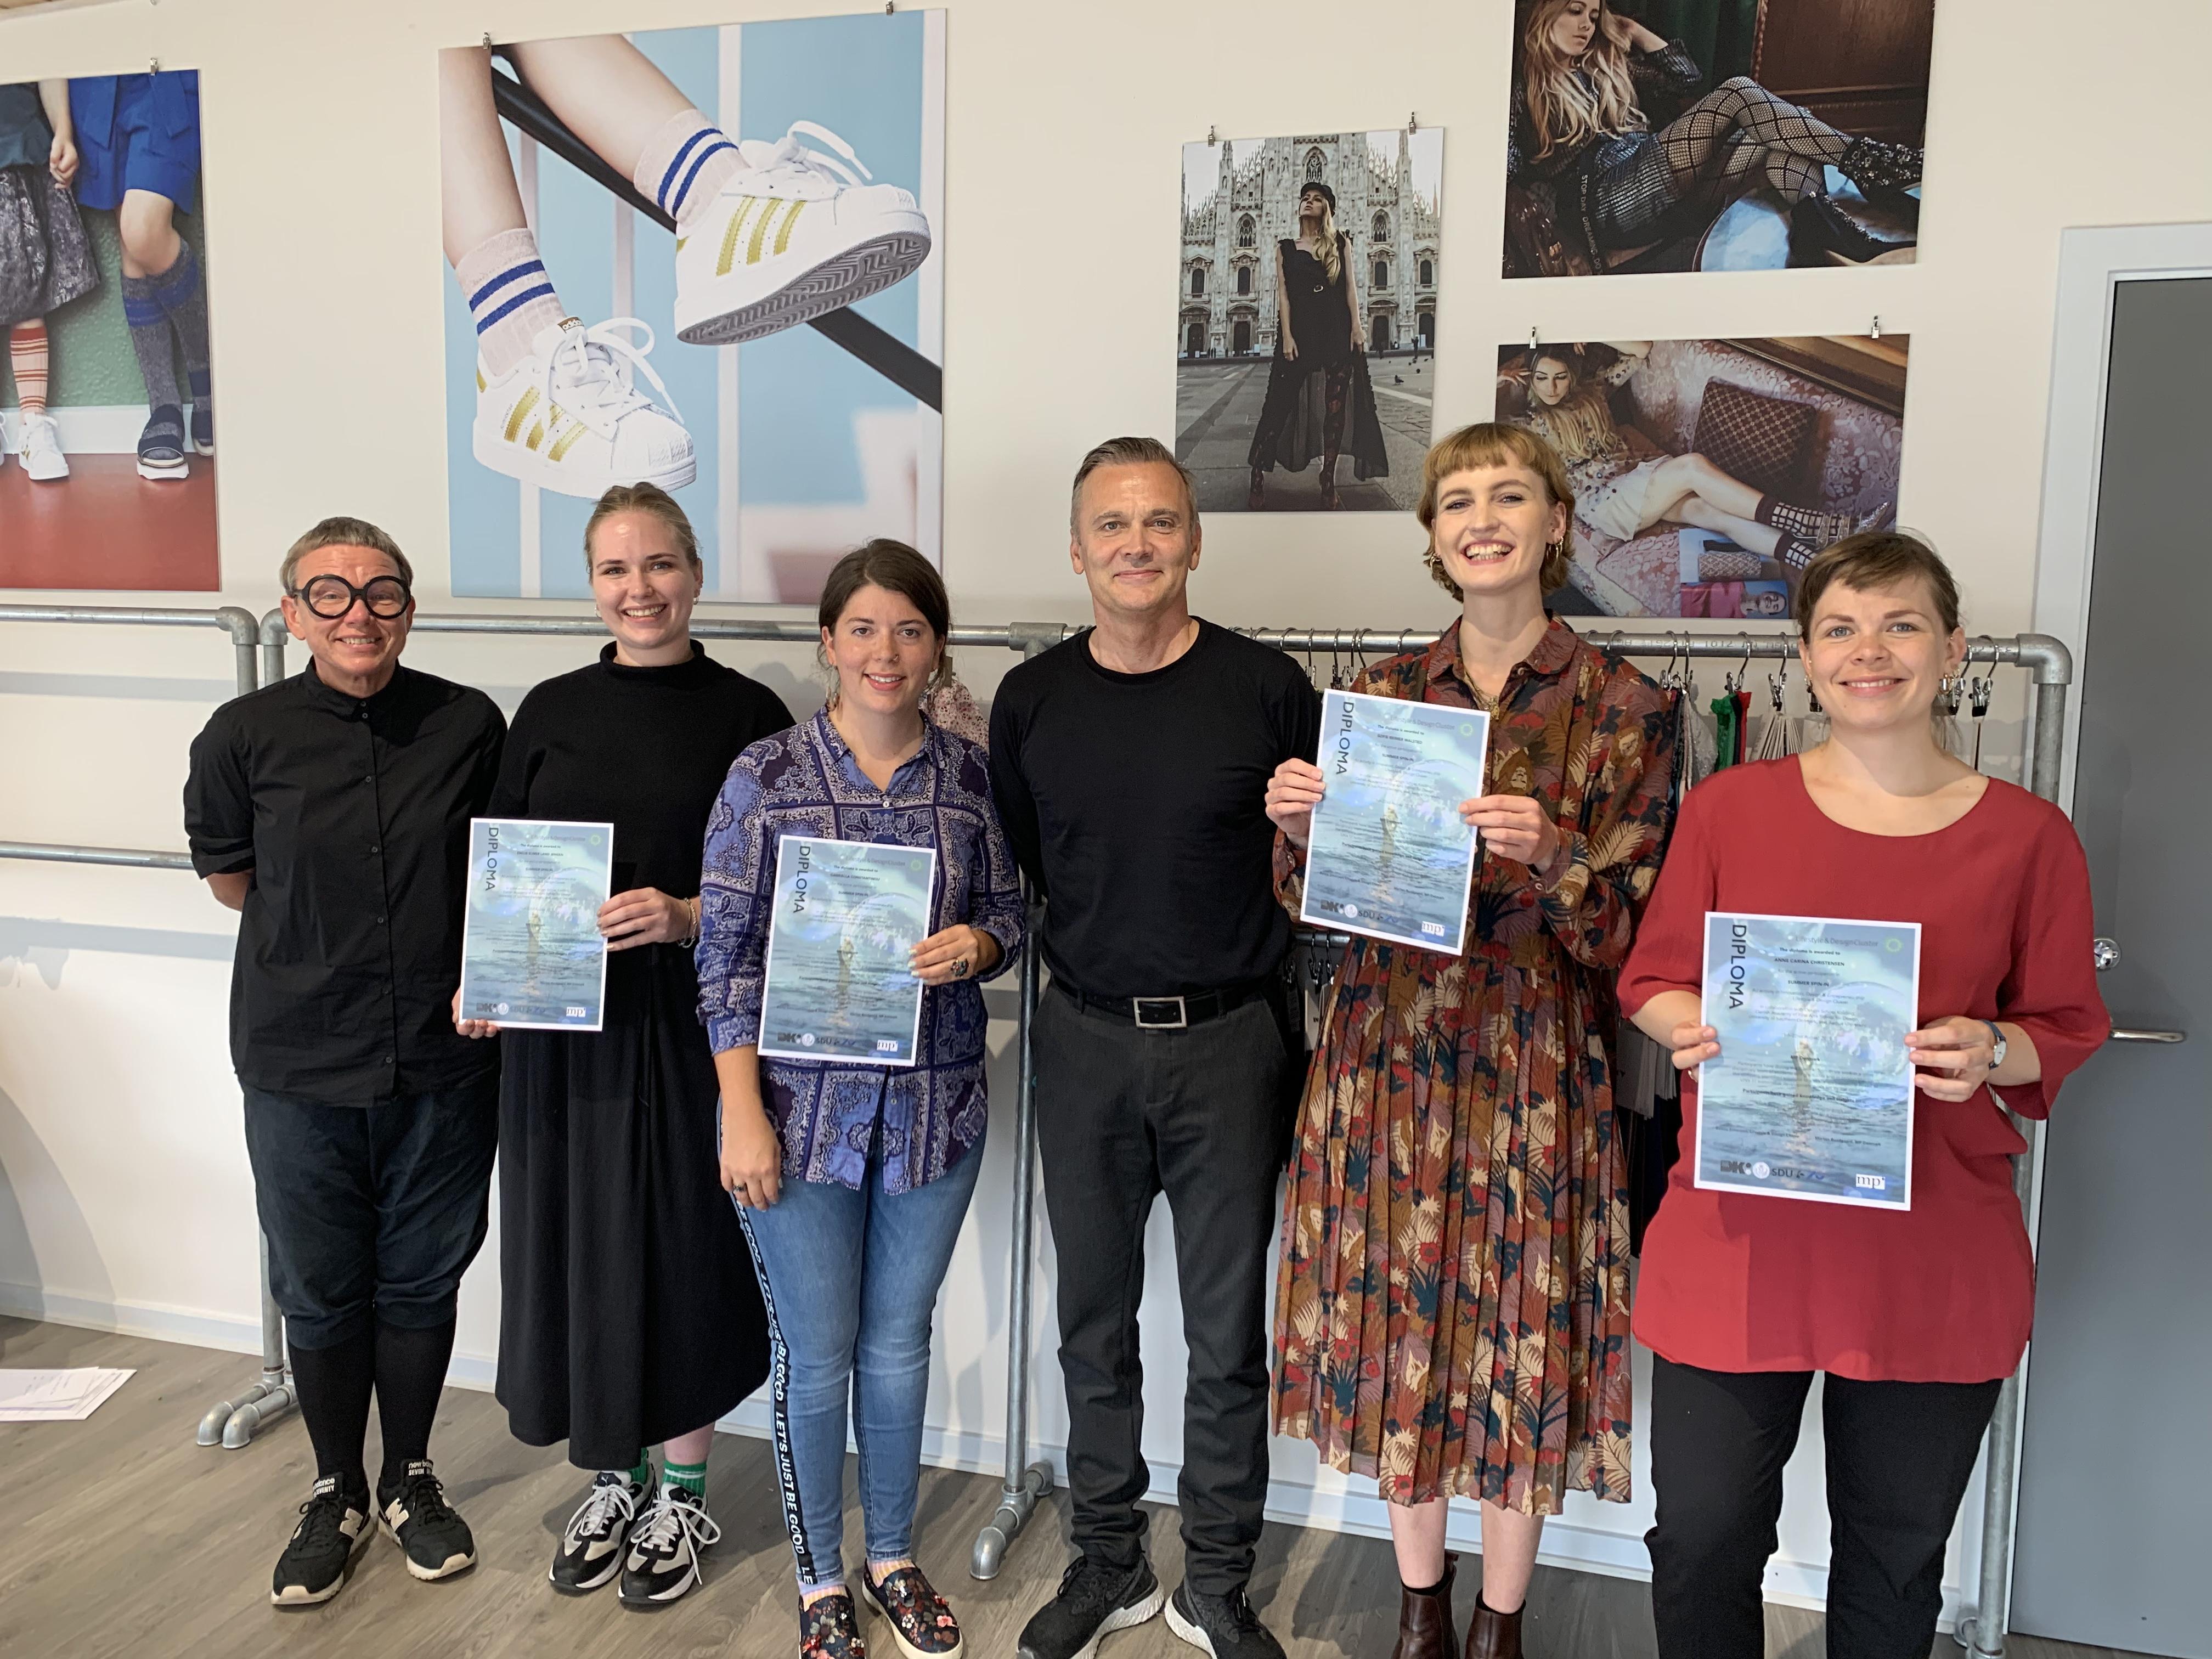 Summer Spin-In: Få Kloge, Unge Mennesker Til At Udfolde Dit Firmas Grønne Potentiale